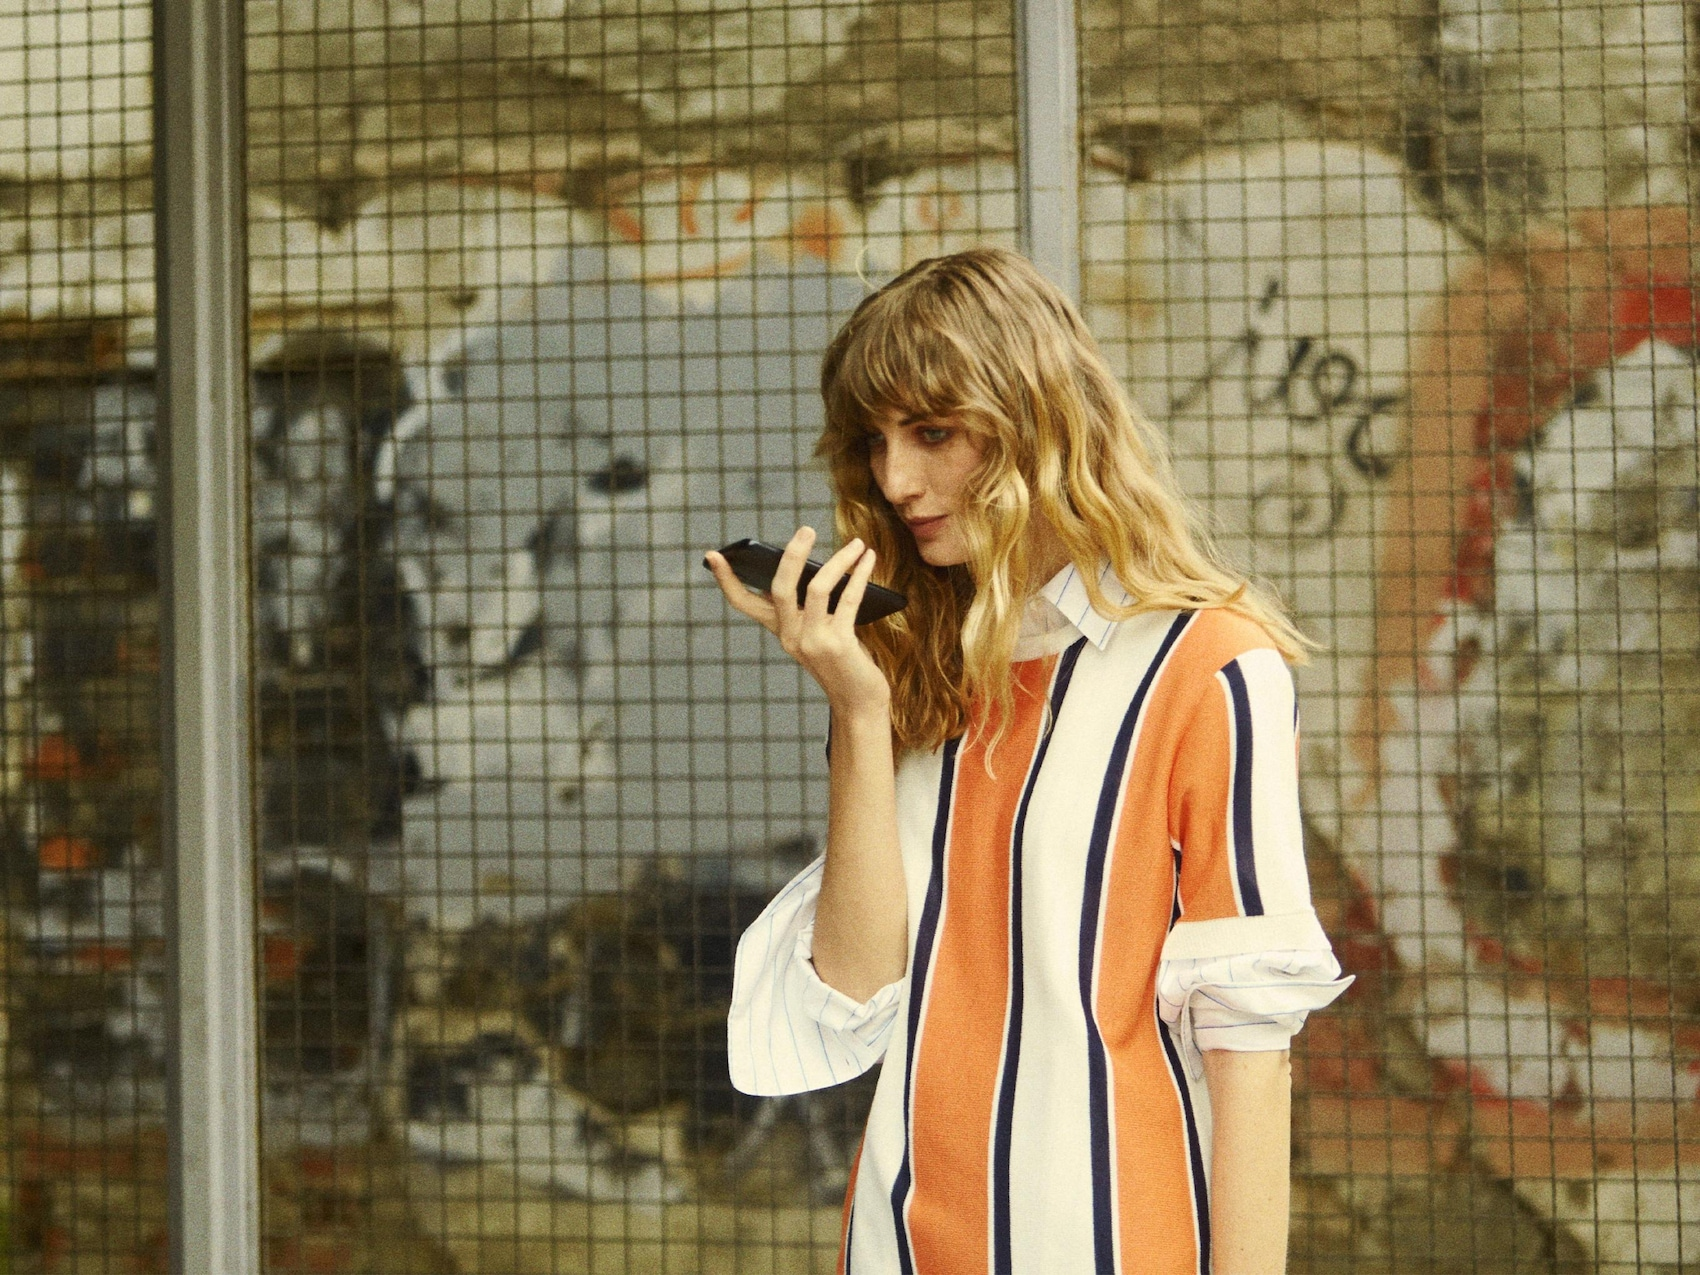 Eine junge Frau mit Smartphone vor einem Gitter.